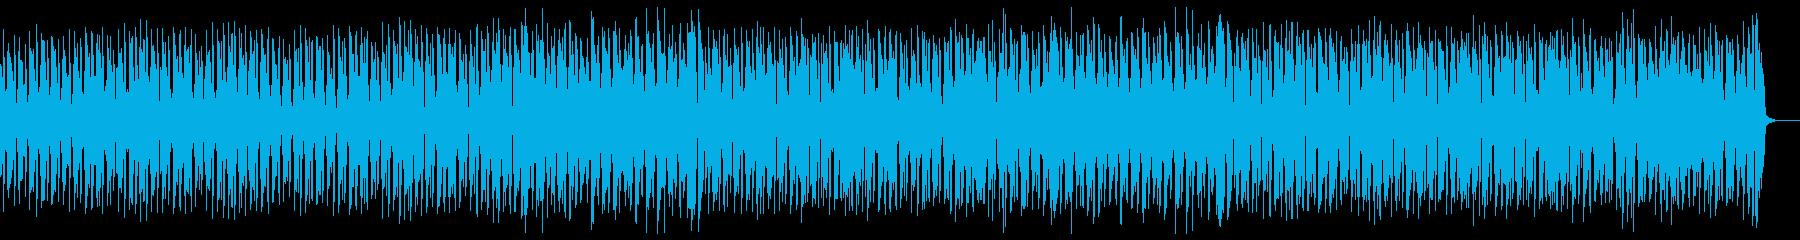 エレガントでクール、美しいジャズワルツの再生済みの波形